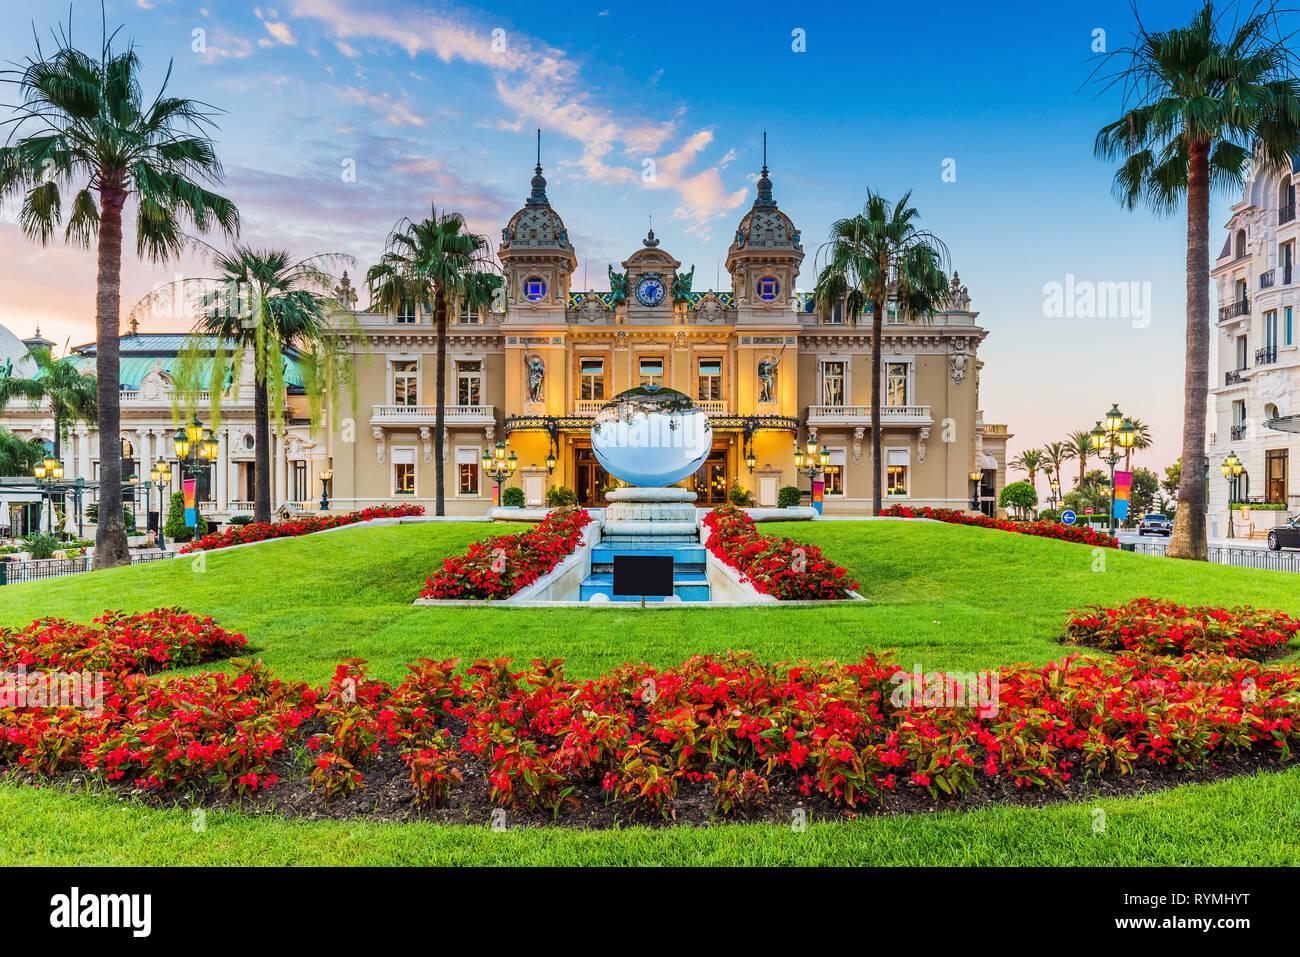 Monte Carlo, Monaco. Front of the Grand Casino. - Stock Image